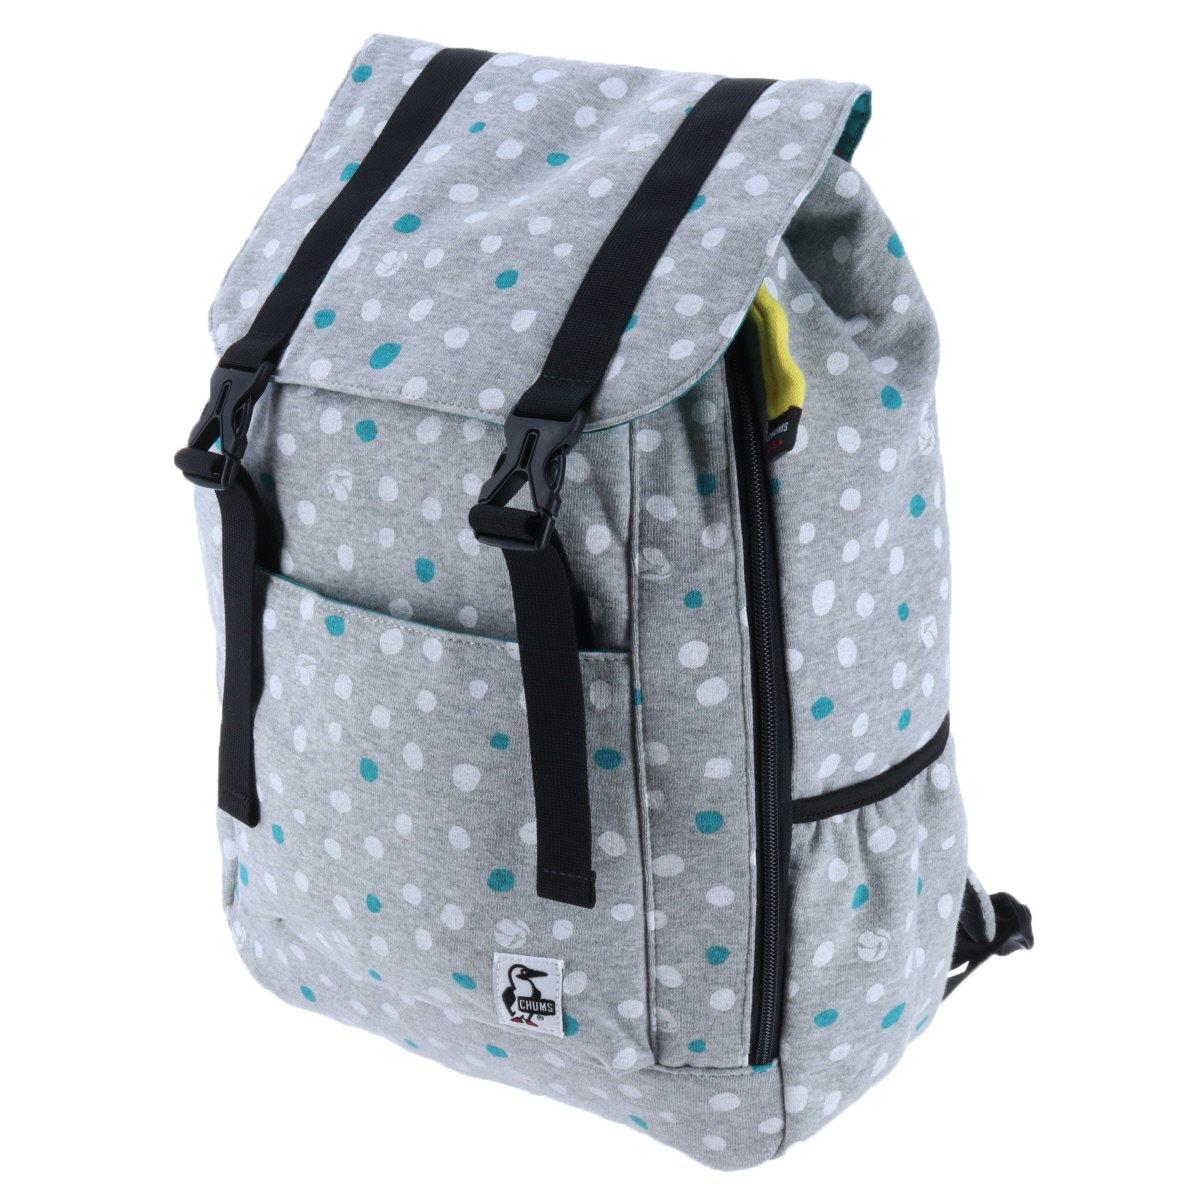 5a944c9e2600 チャムス] リュック Flap Pack Sweat CH60-2076-0118-00 B07CKTZRSN 17 ...